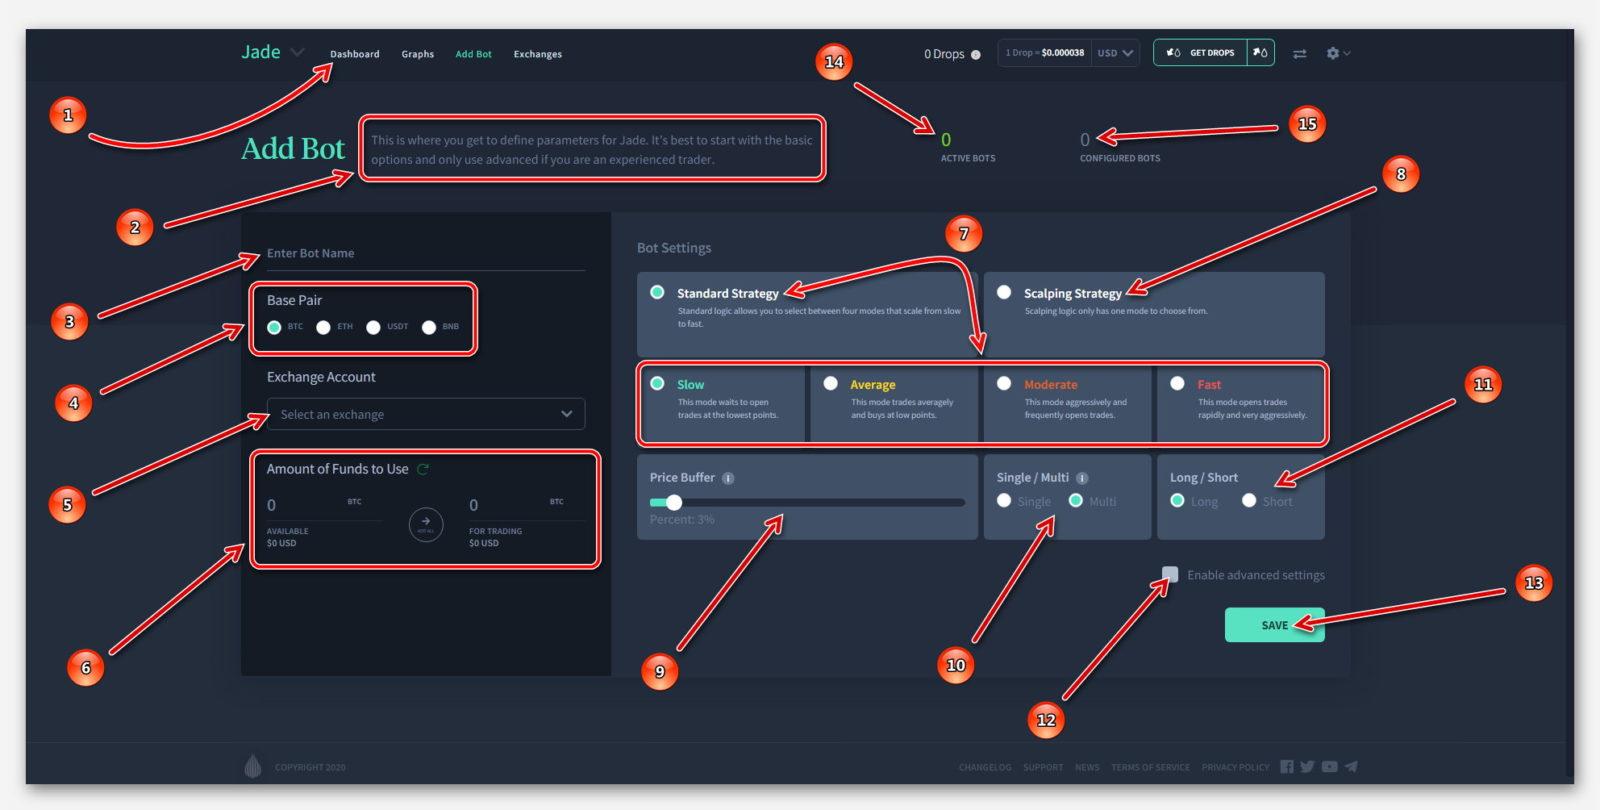 Обзор информационной панели, в Роботе Jade, на платформе Dropil